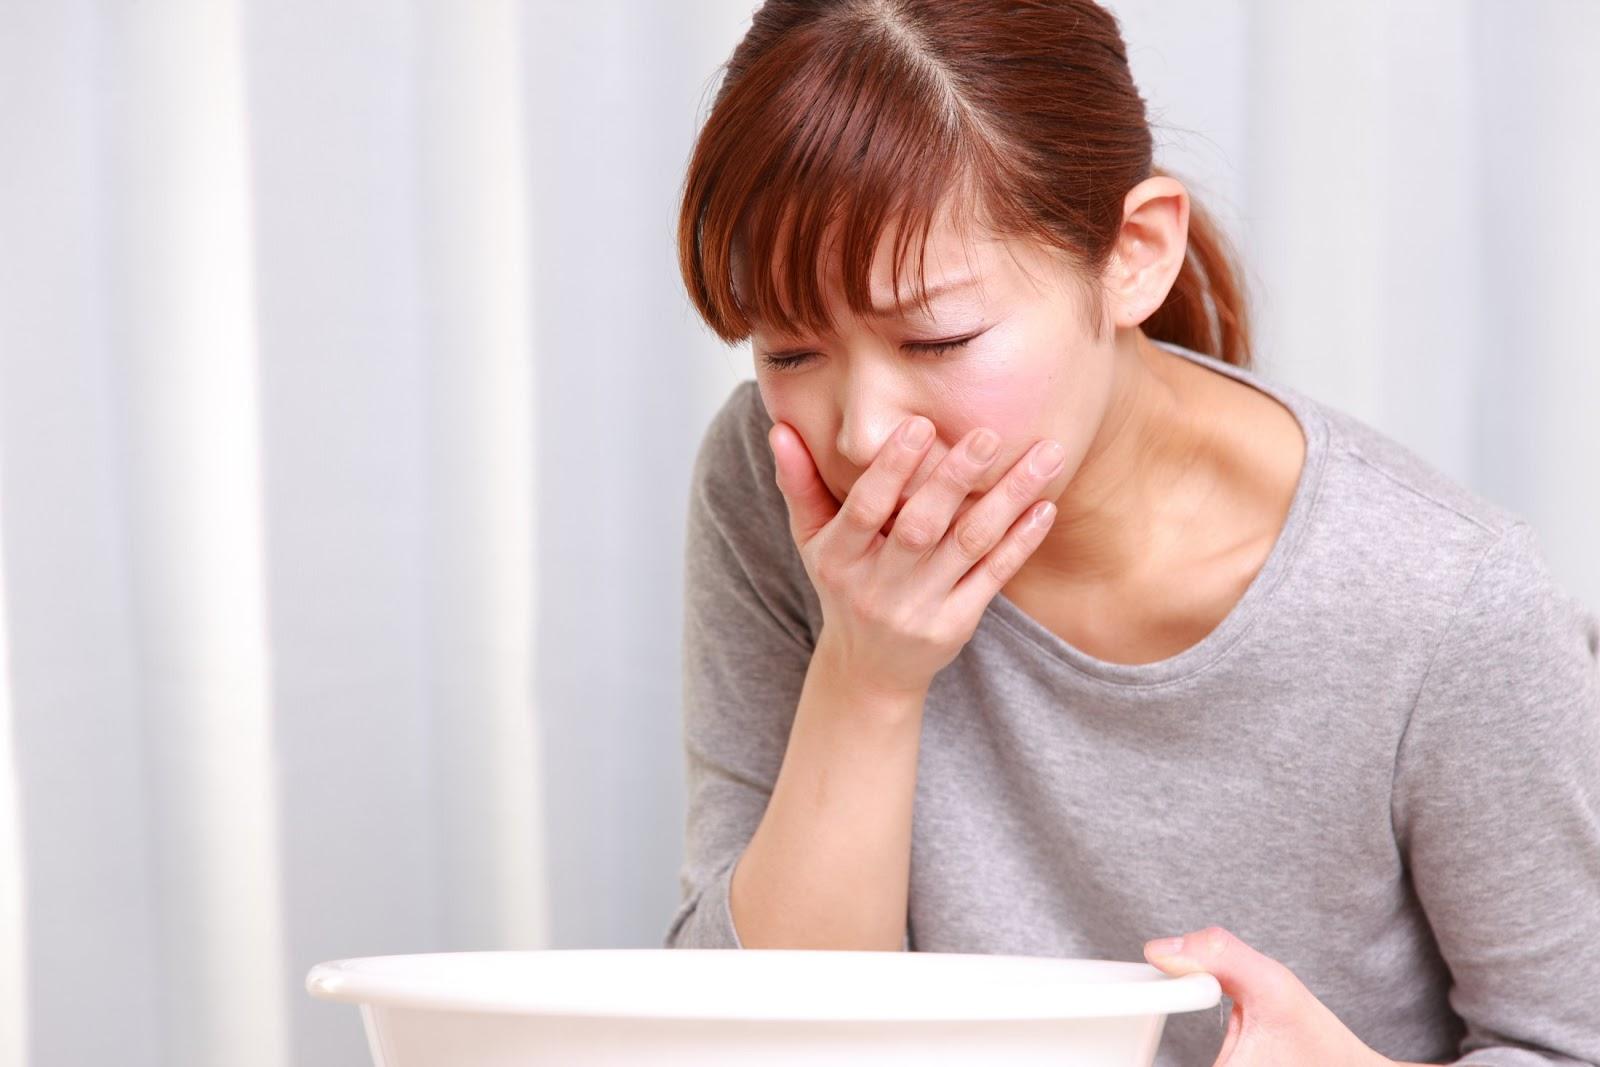 Ngộ độc thực phẩm khiến cơ thể bị mất nước nghiêm trọng vì nôn mửa